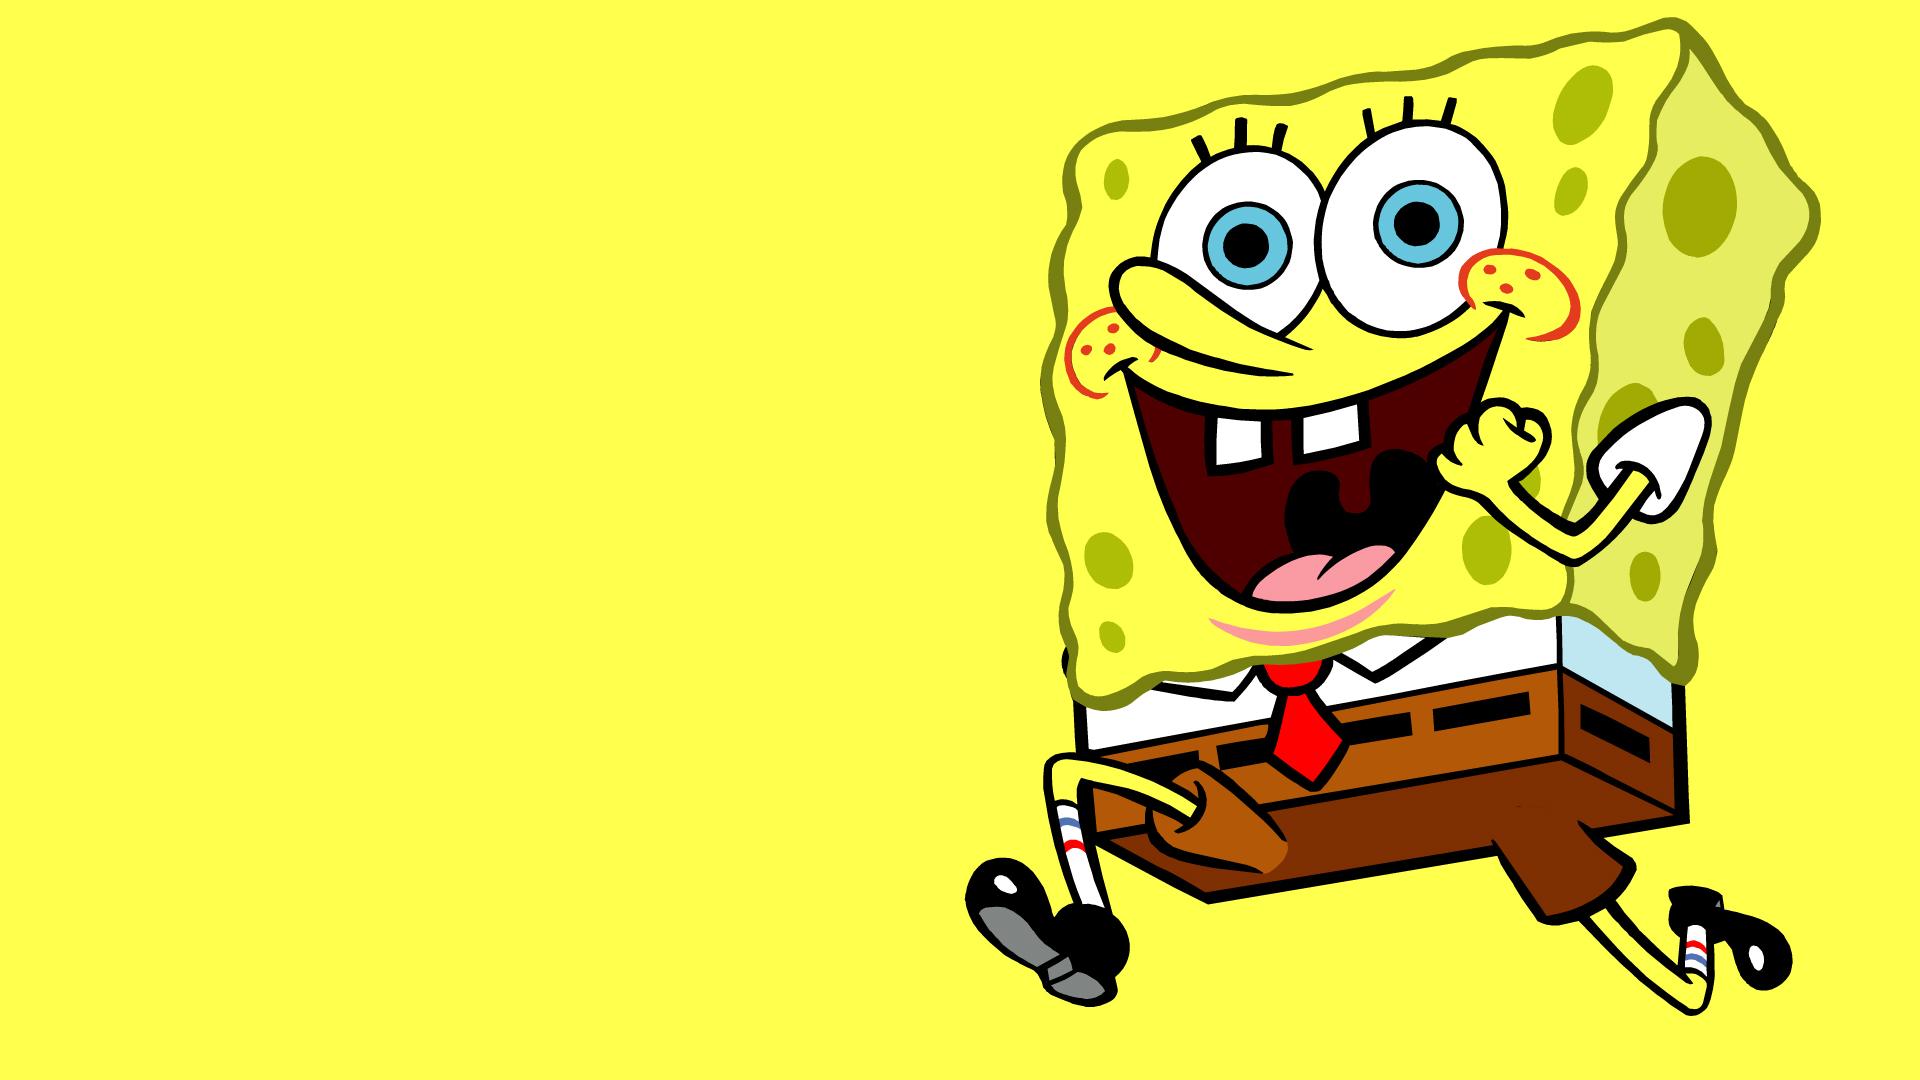 spongebob squarepants desktop wallpaper 49596